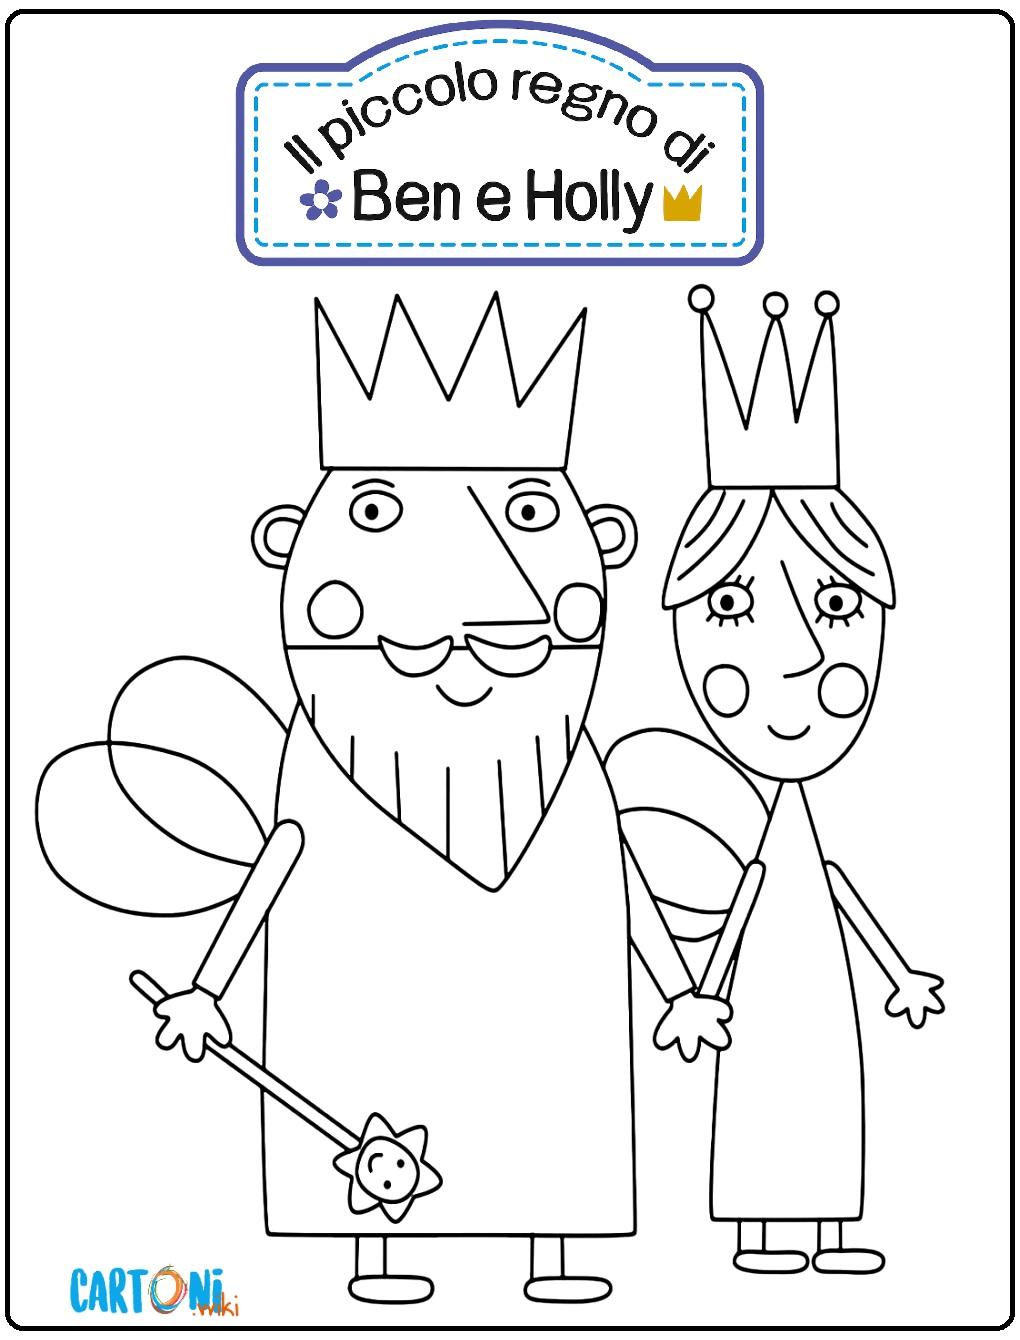 Il piccolo Regno di Ben e Holly disegni da stampare - Disegni da colorare